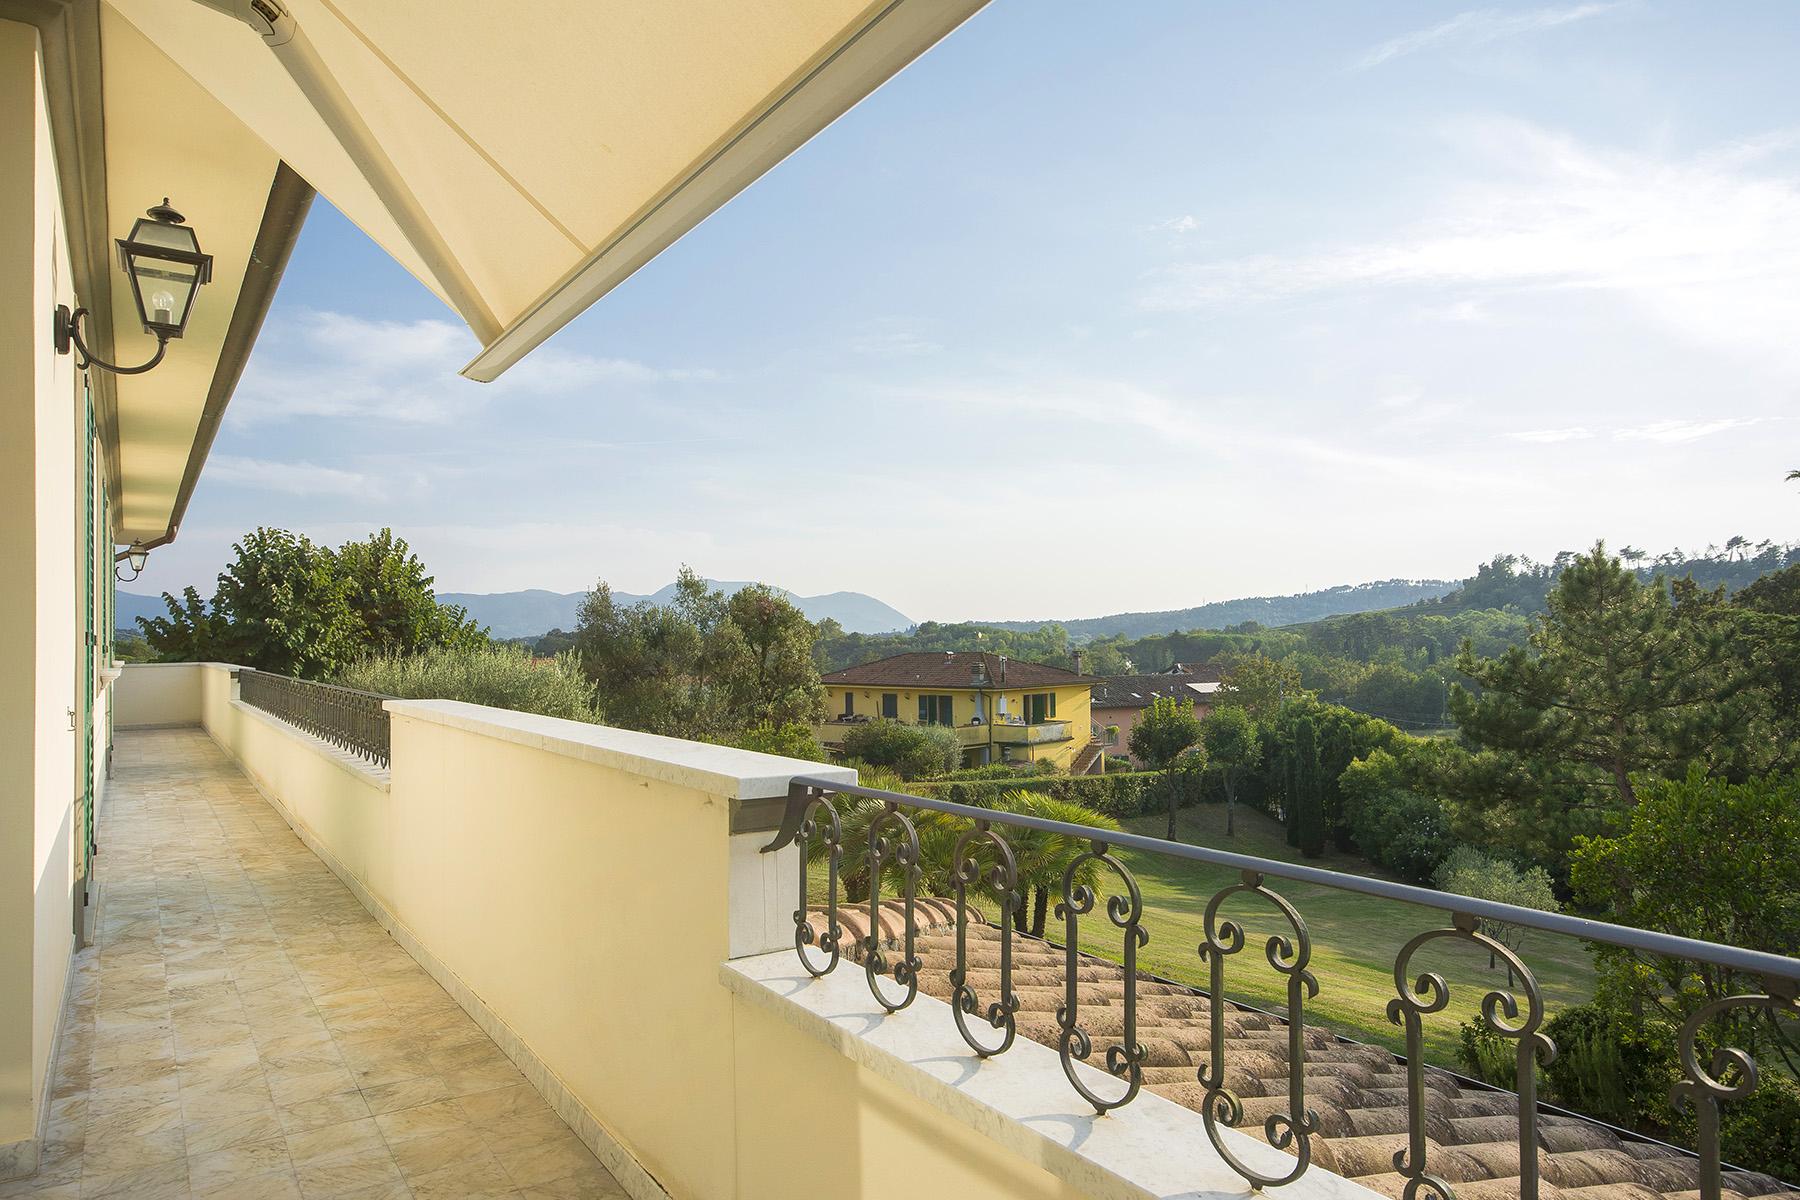 Casa indipendente in Vendita a Lucca: 5 locali, 300 mq - Foto 19